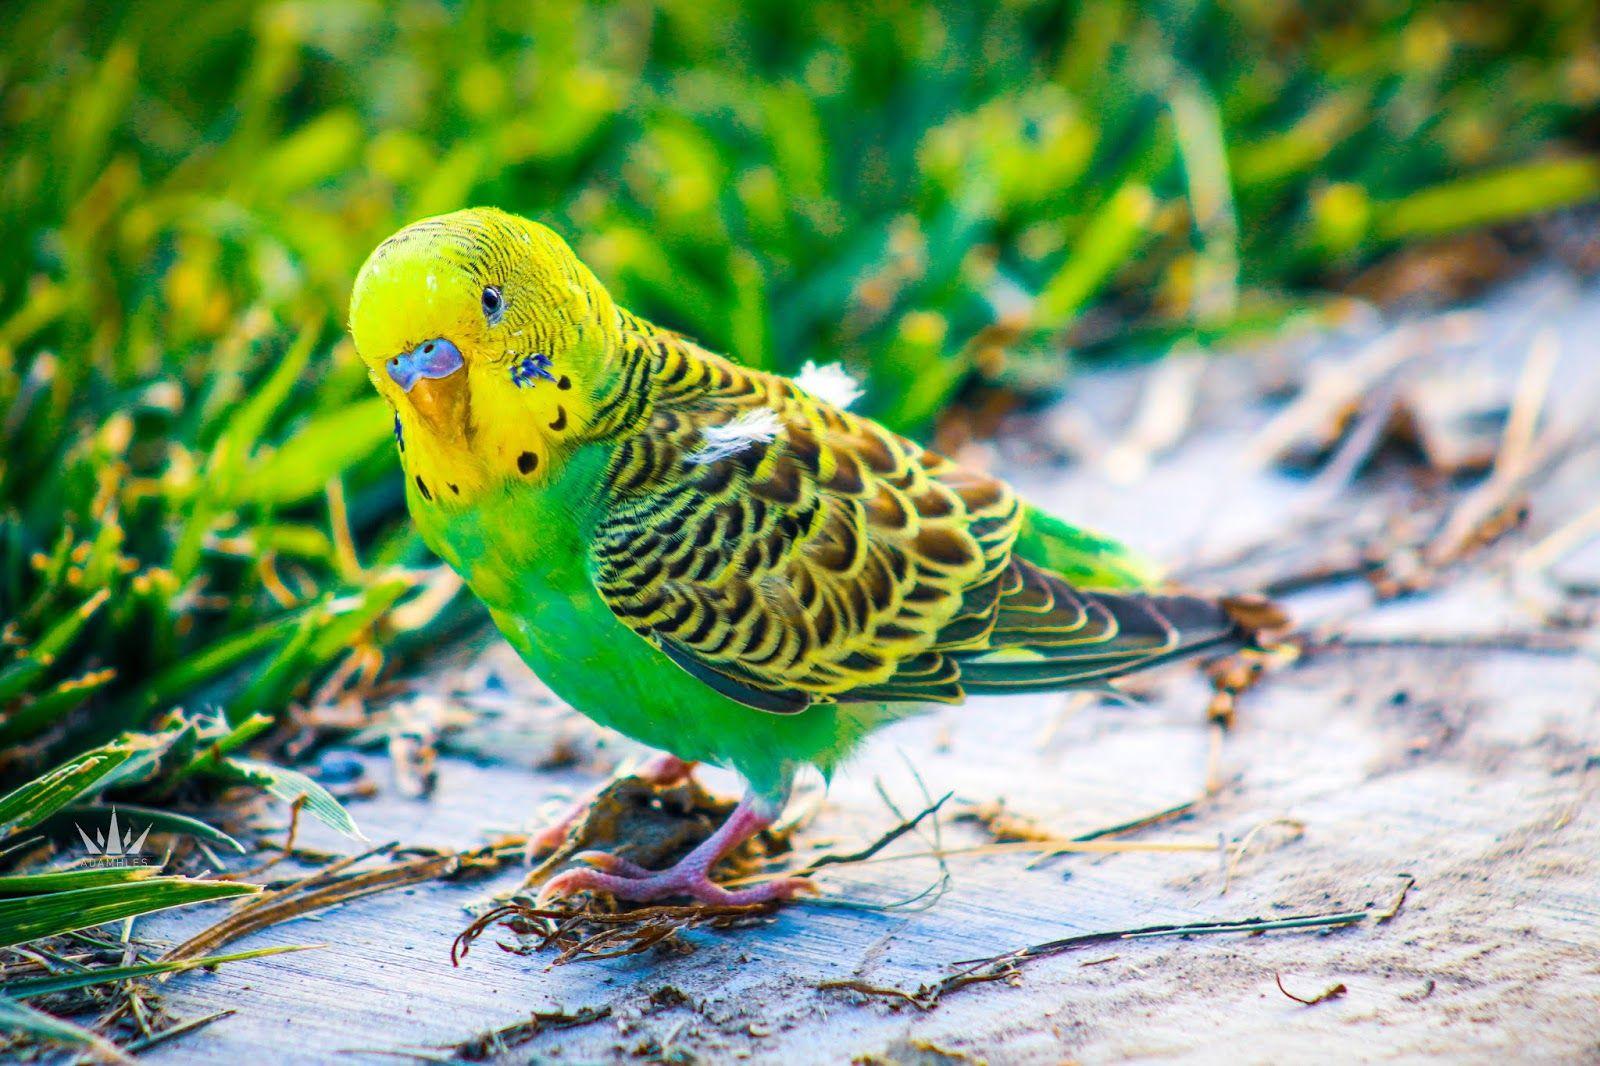 تصوير طائر الببغاء الصغير جميل جدا Parrot Parakeet Photoshop Design